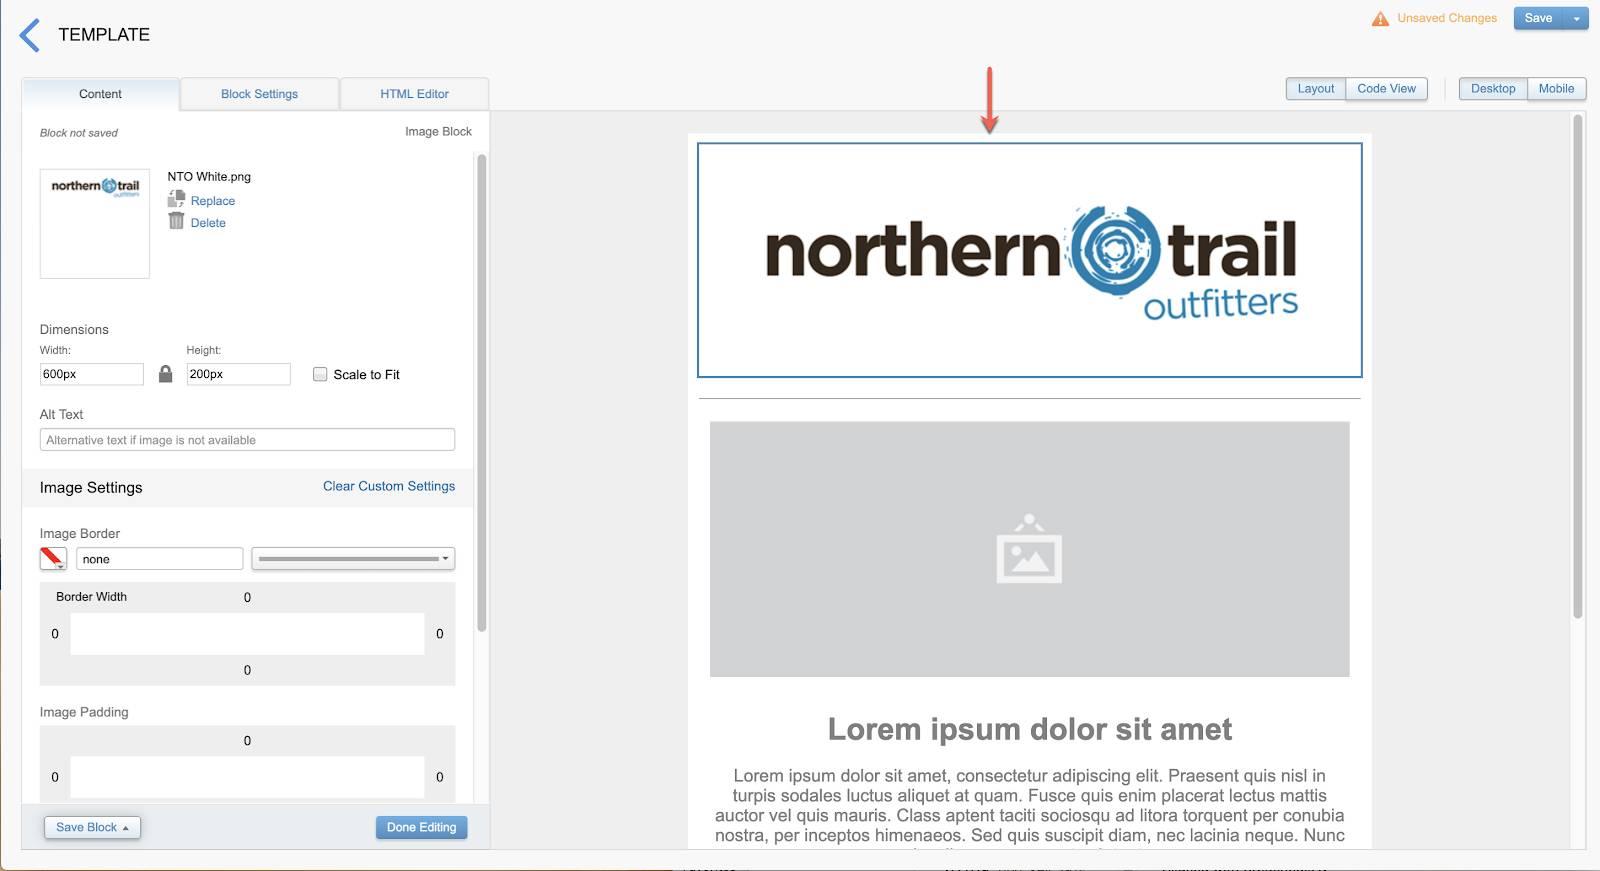 Captura de tela que mostra o layout do modelo de email depois que o logotipo da Northern Trail Outfitters foi adicionado ao bloco de conteúdo principal.